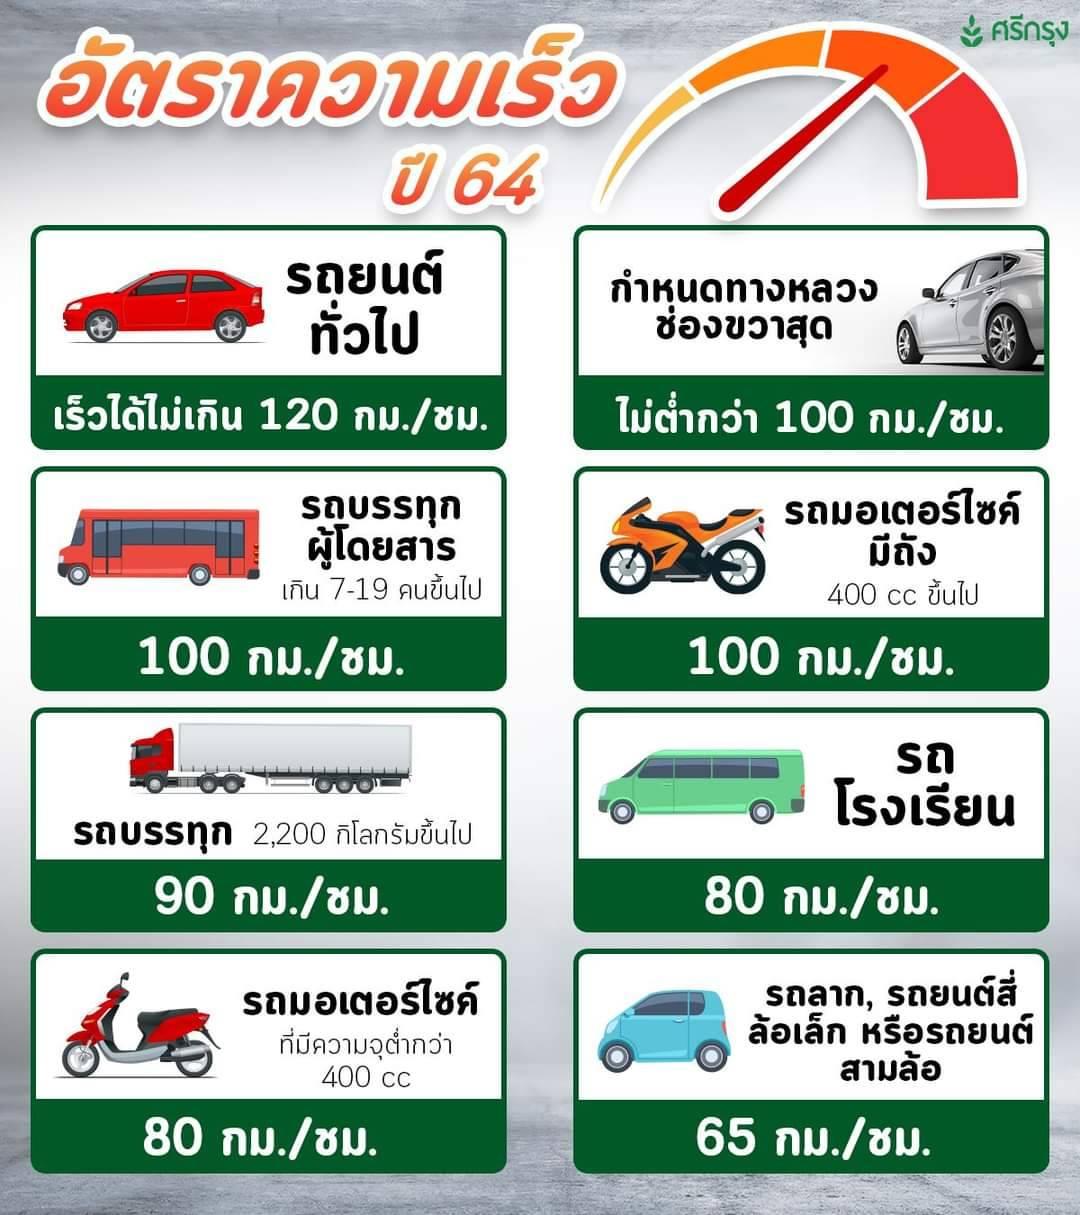 รู้กฎก่อนขับเร็ว ปลอดภัย โดนใบสั่ง!!